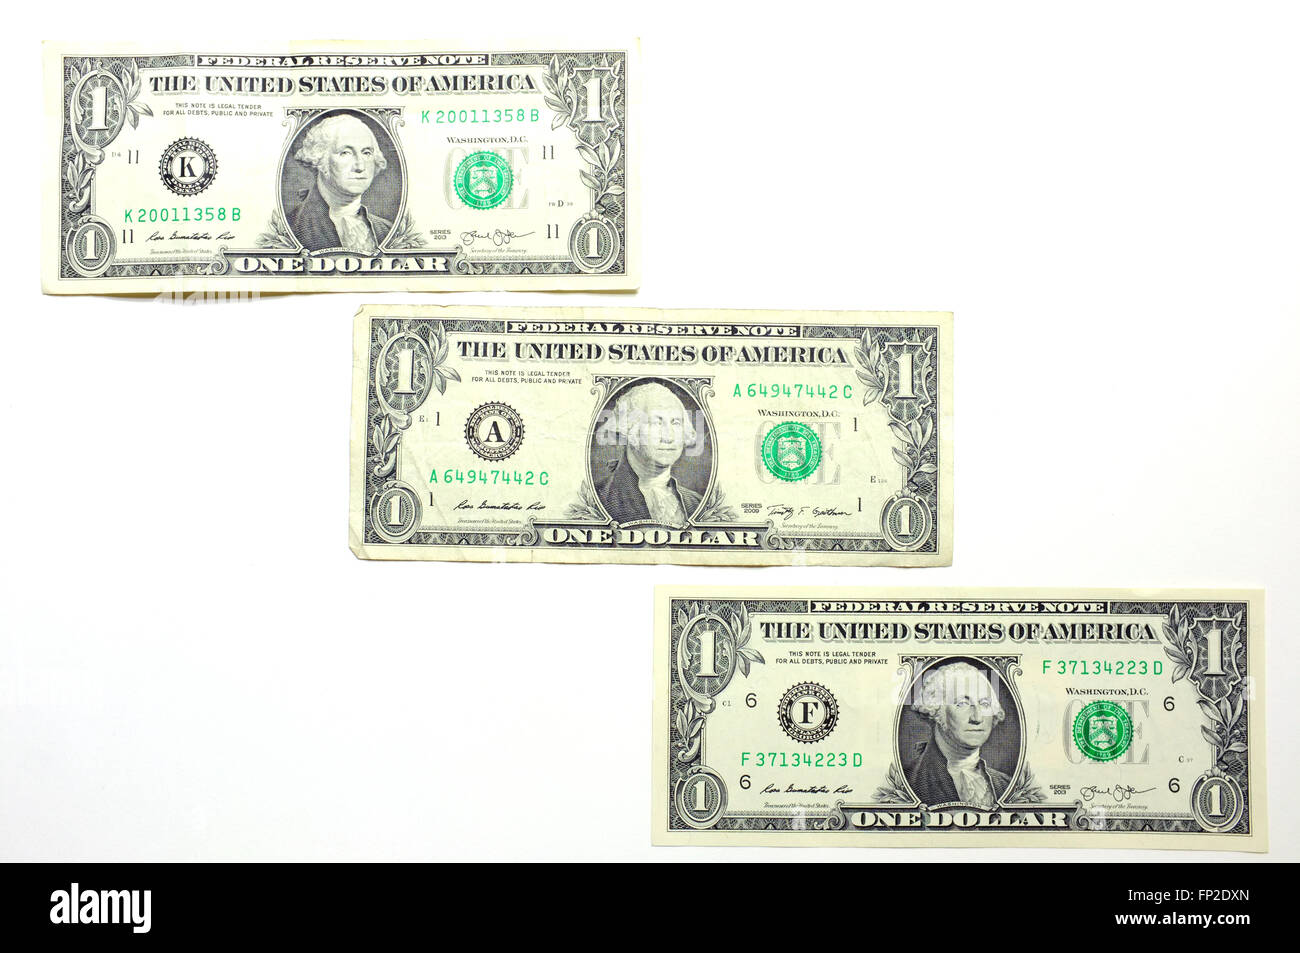 Trois notes d'un dollar américain photographié sur un fond blanc. Photo Stock